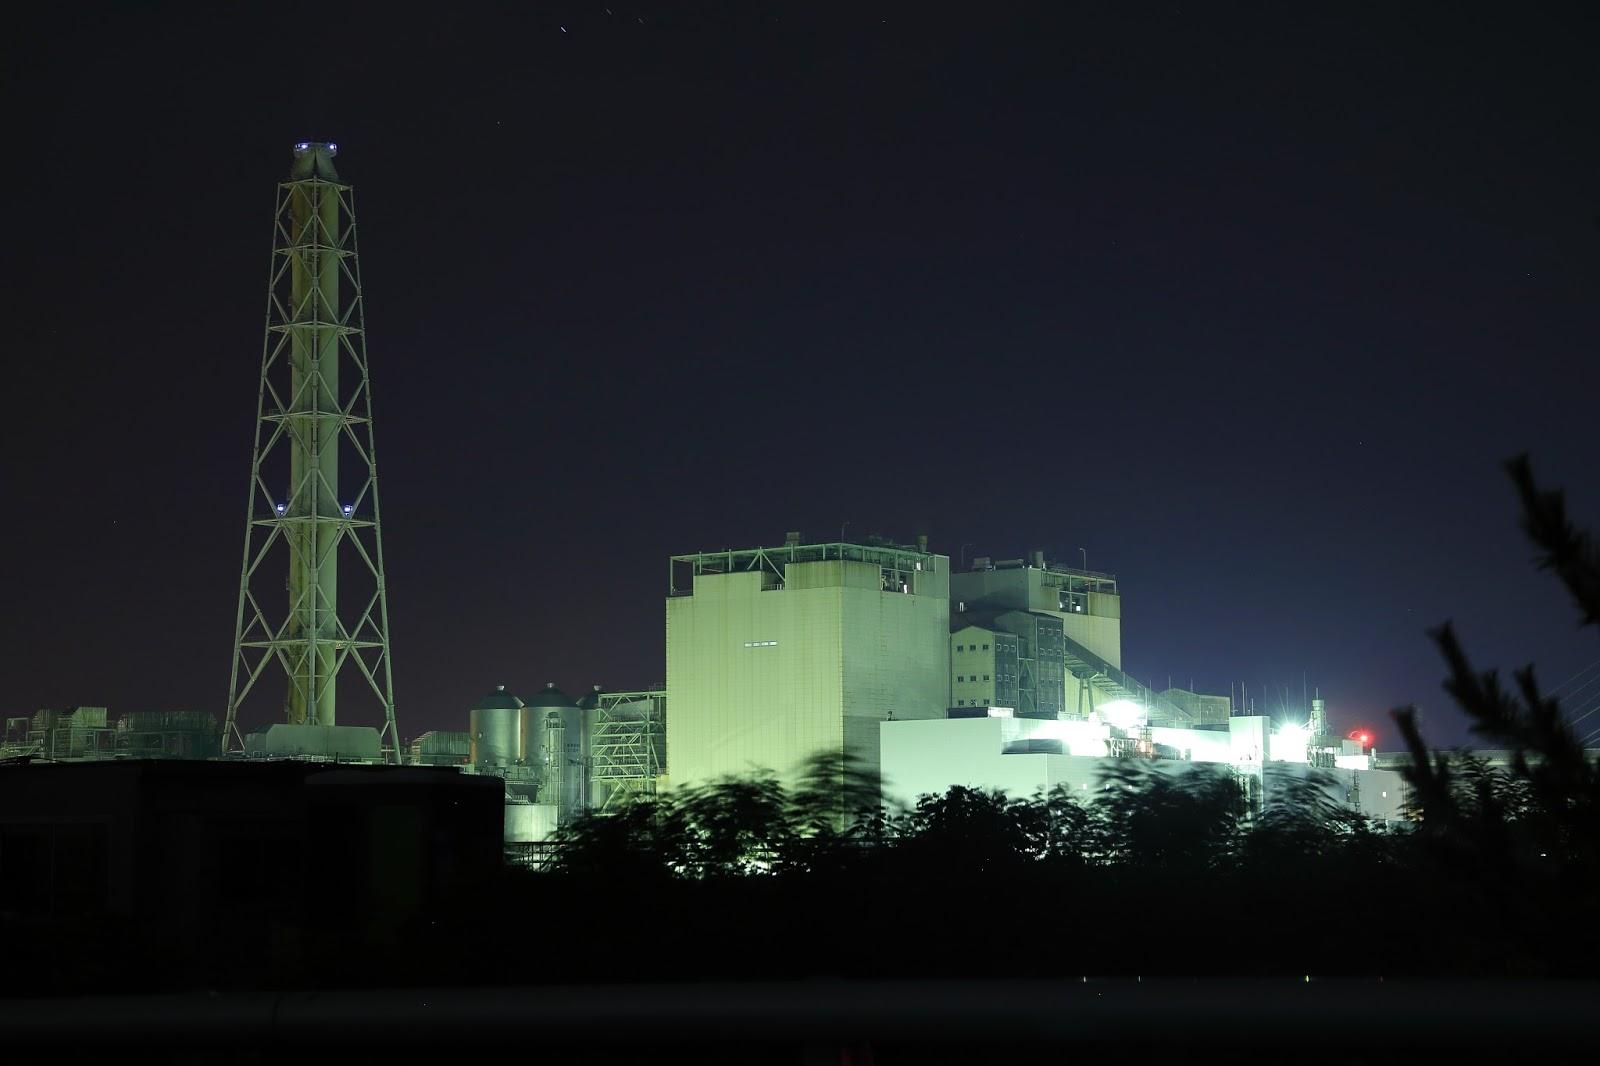 酒田共同火力発電所